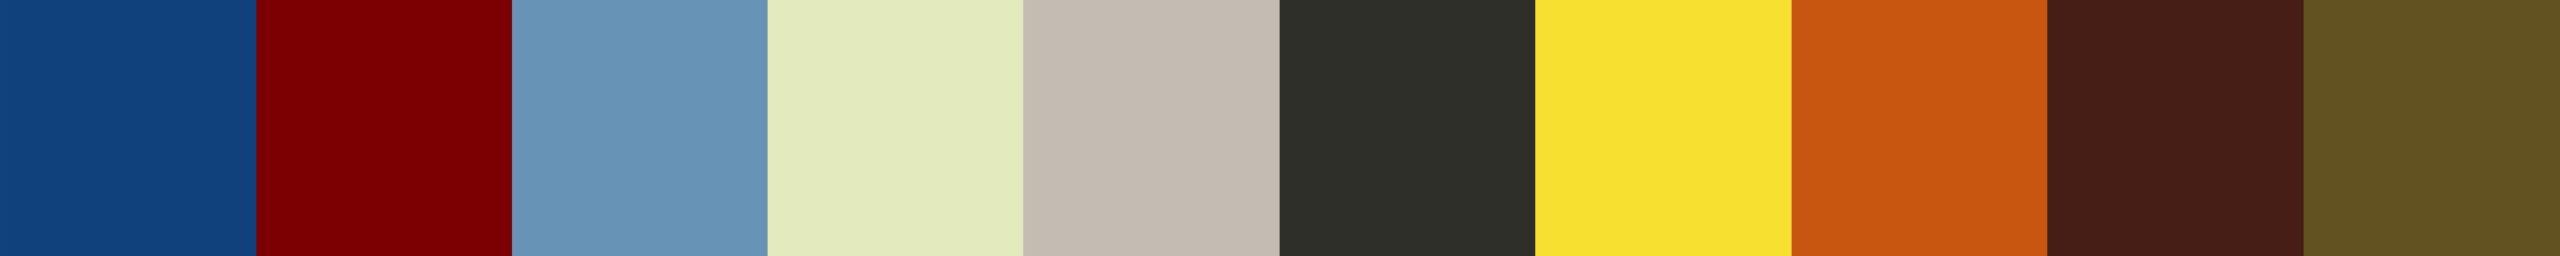 720 Ktopia Color Palette